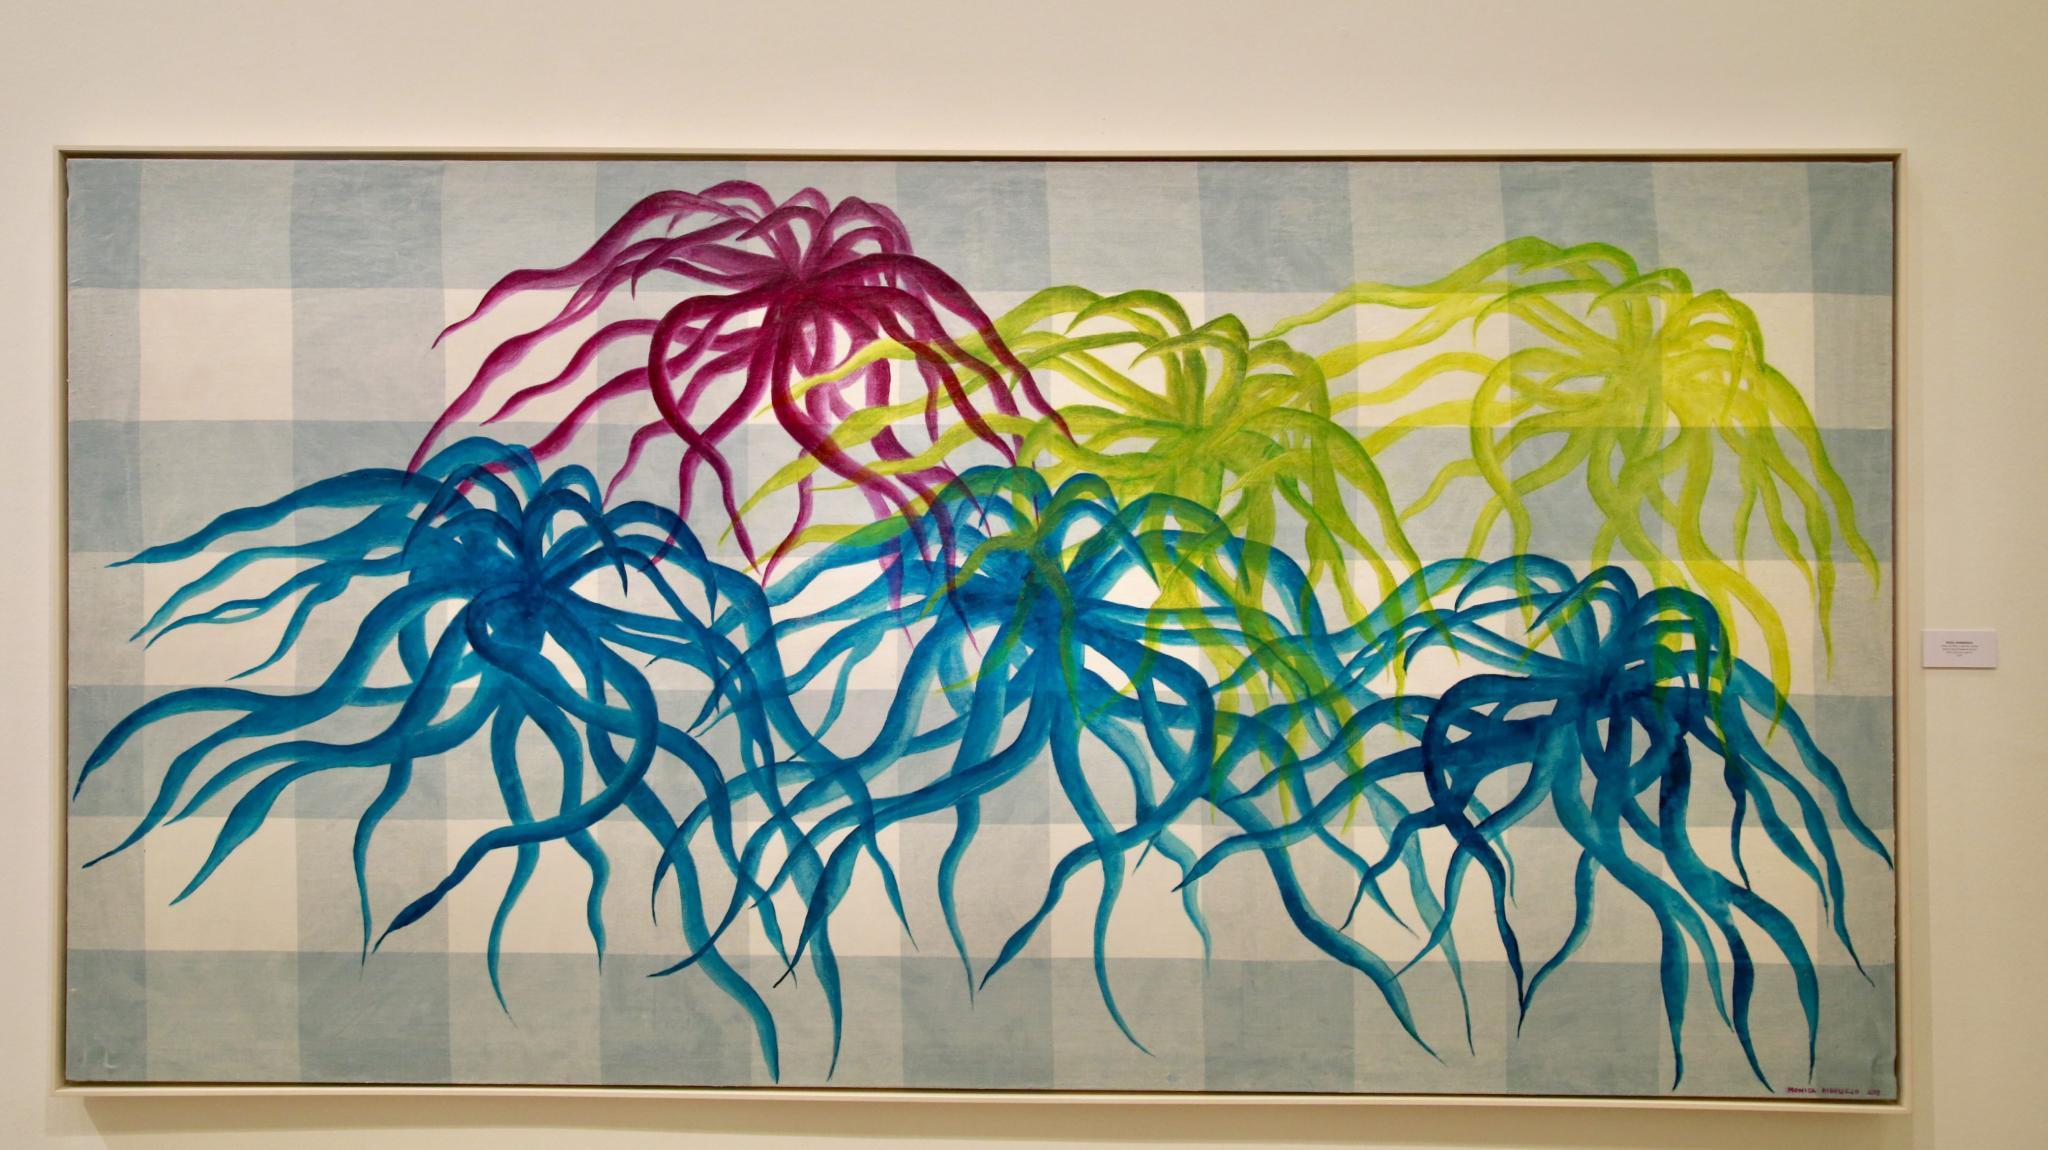 Die spanische Künstlerin Mónica Ridruejo prangert in ihren Werken den unvorsichtigen Umgang mit den Seegraswiesen an.